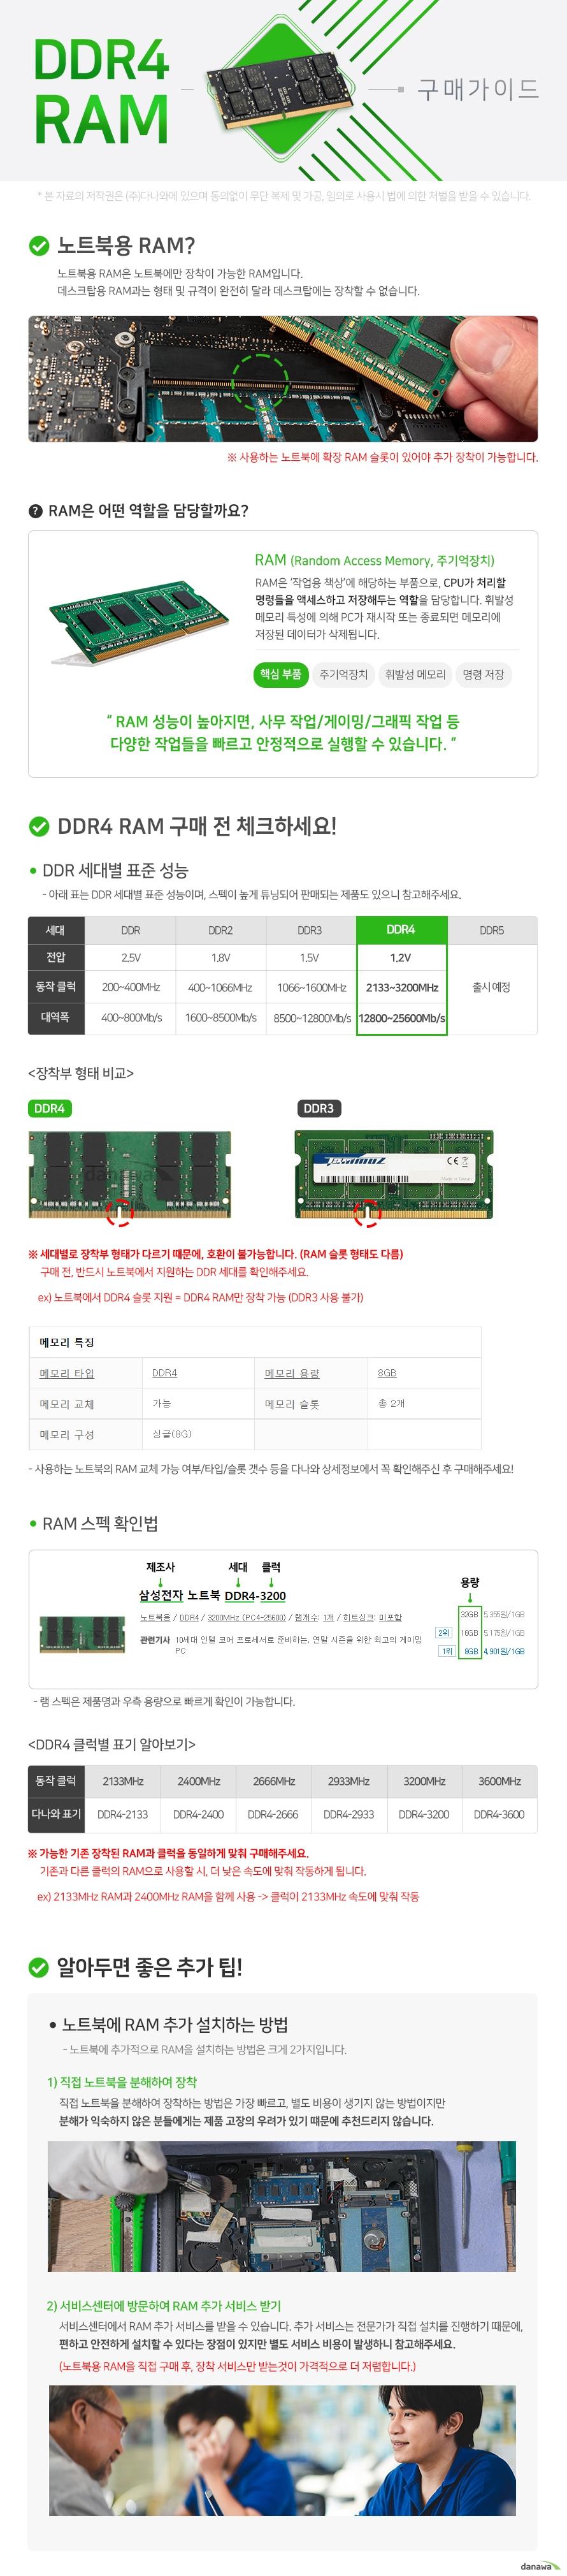 타무즈 노트북 DDR4-3200 CL22 (8GB)